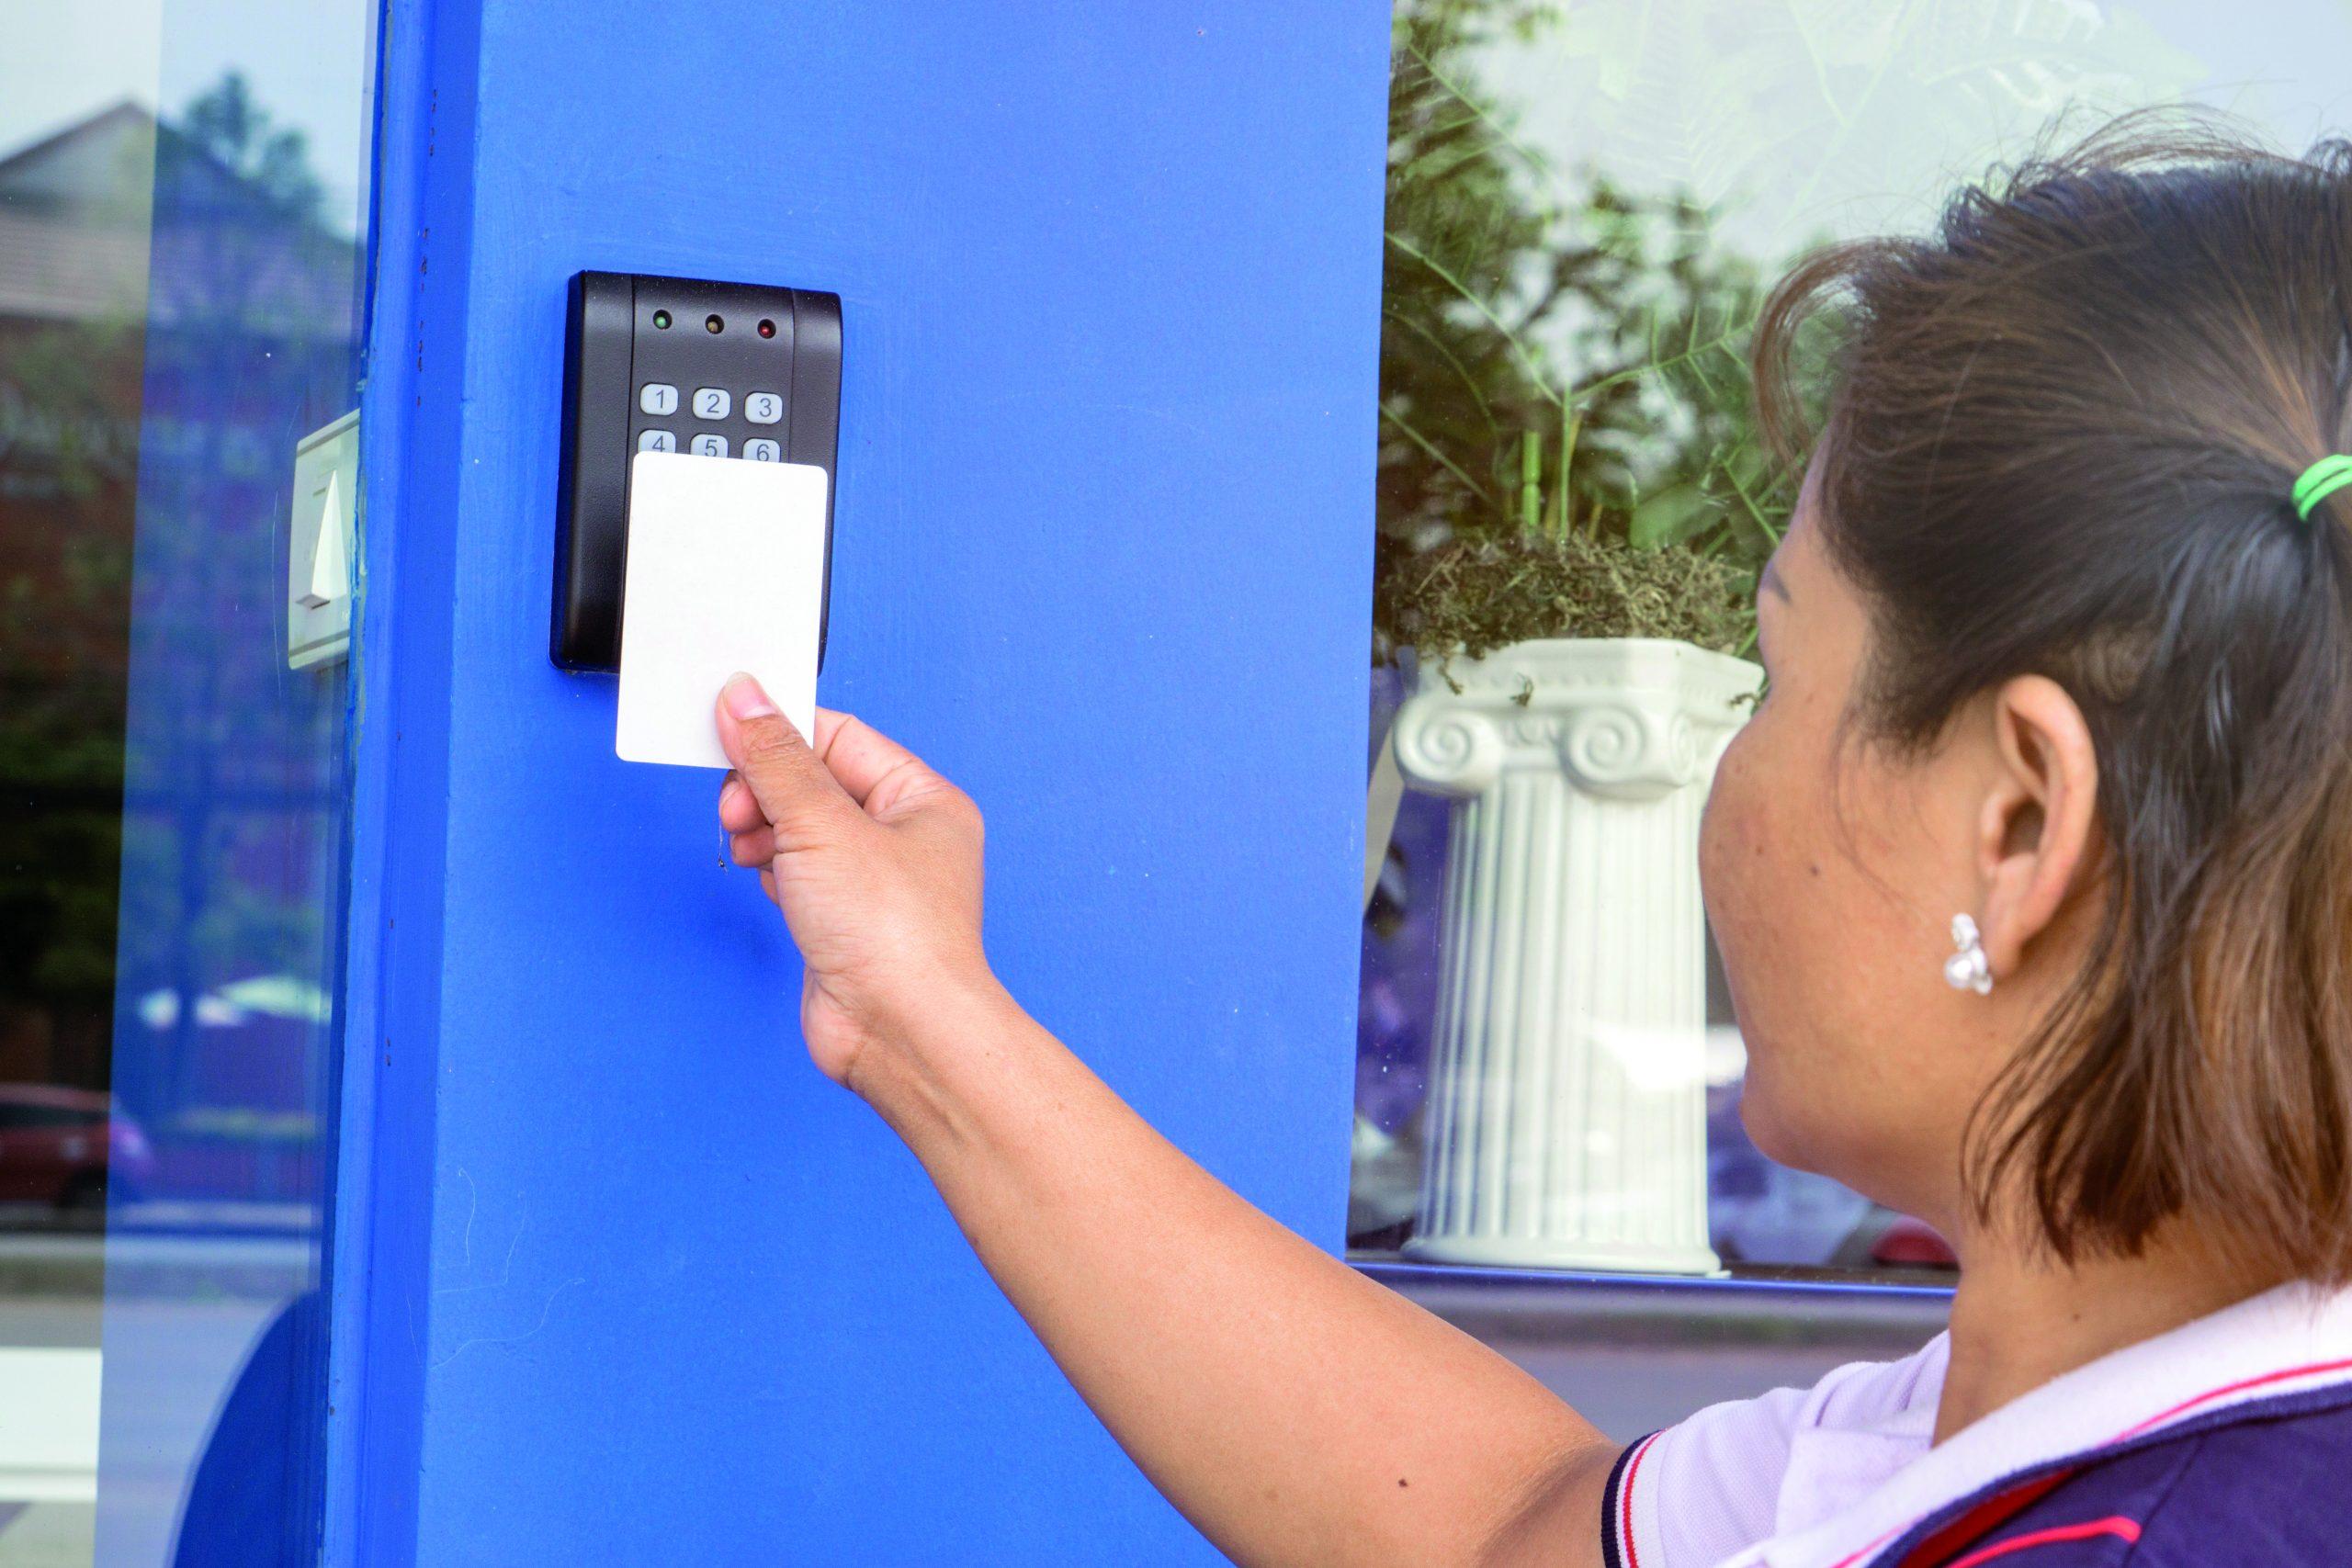 Zutrittskontrollsysteme lassen sich für quasi jede Sicherheitsstufe so einrichten, dass sie Benutzer kontaktlos passieren können. (Bild: ©arthid /stock.adobe.com)